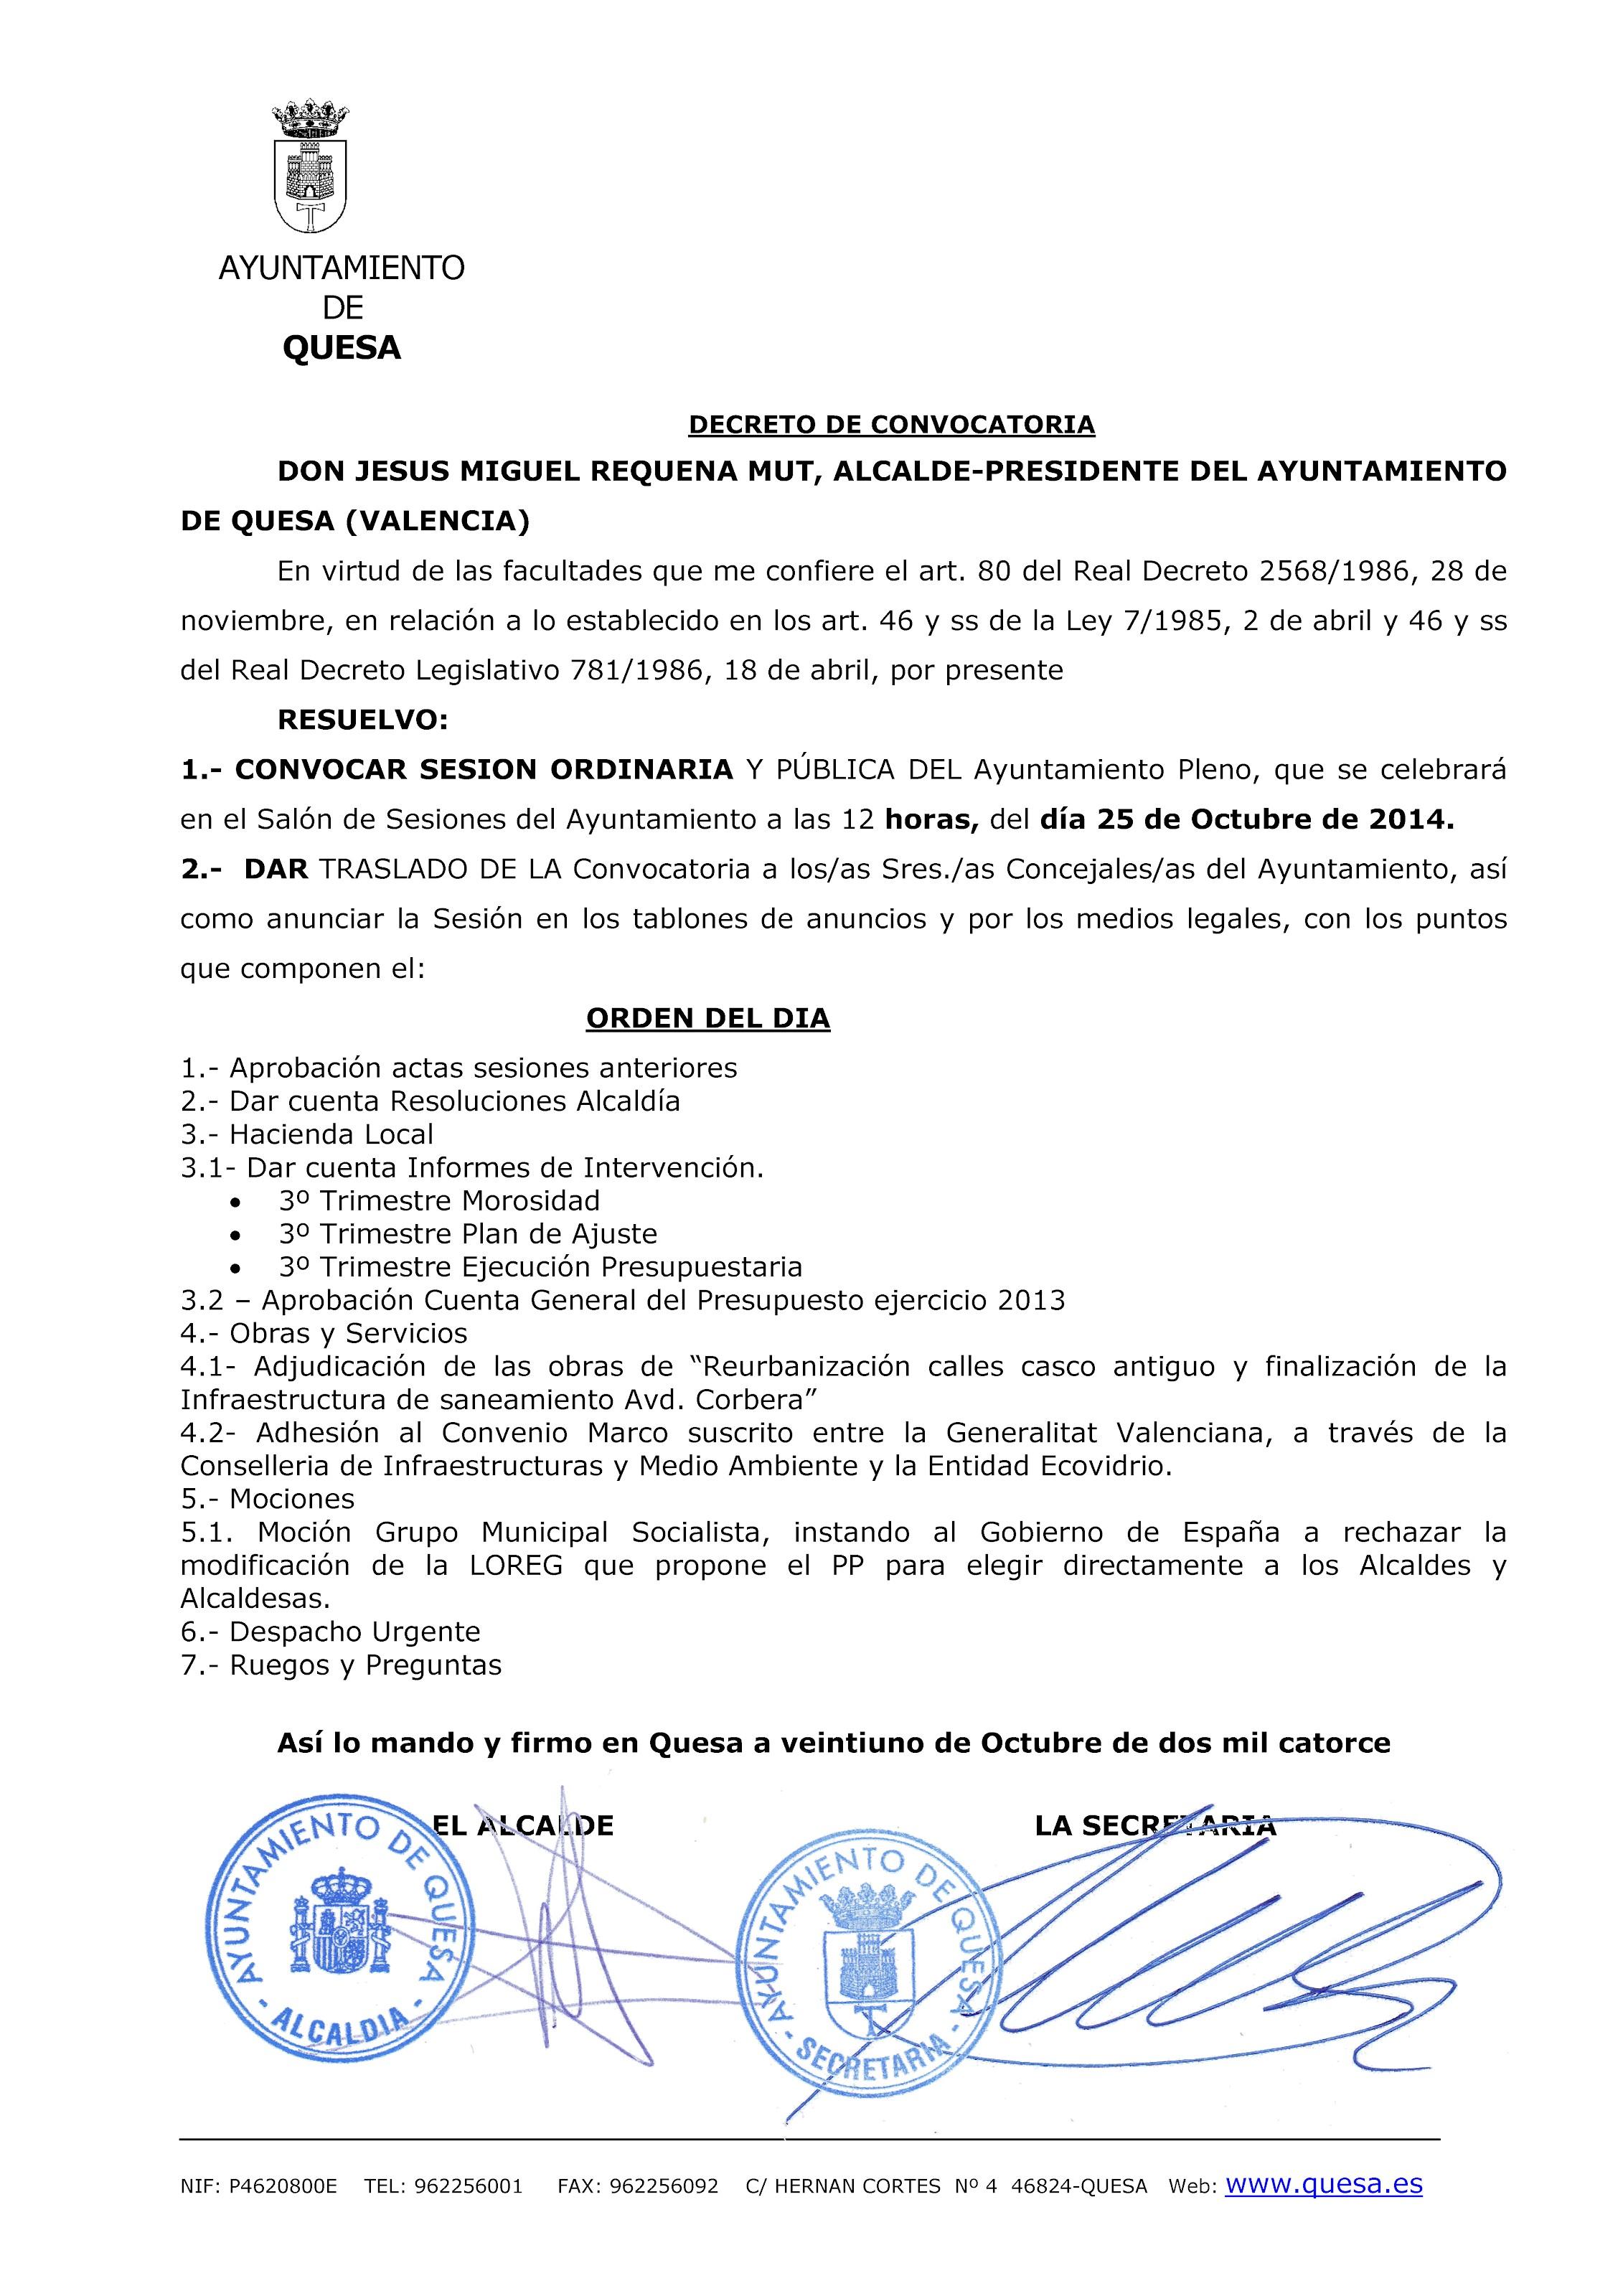 Calendario Escolar 2019 Albacete Más Actual Polica Local De Quesa Mayo 2015 Of Calendario Escolar 2019 Albacete Más Reciente Calaméo Noticias De Gipuzkoa